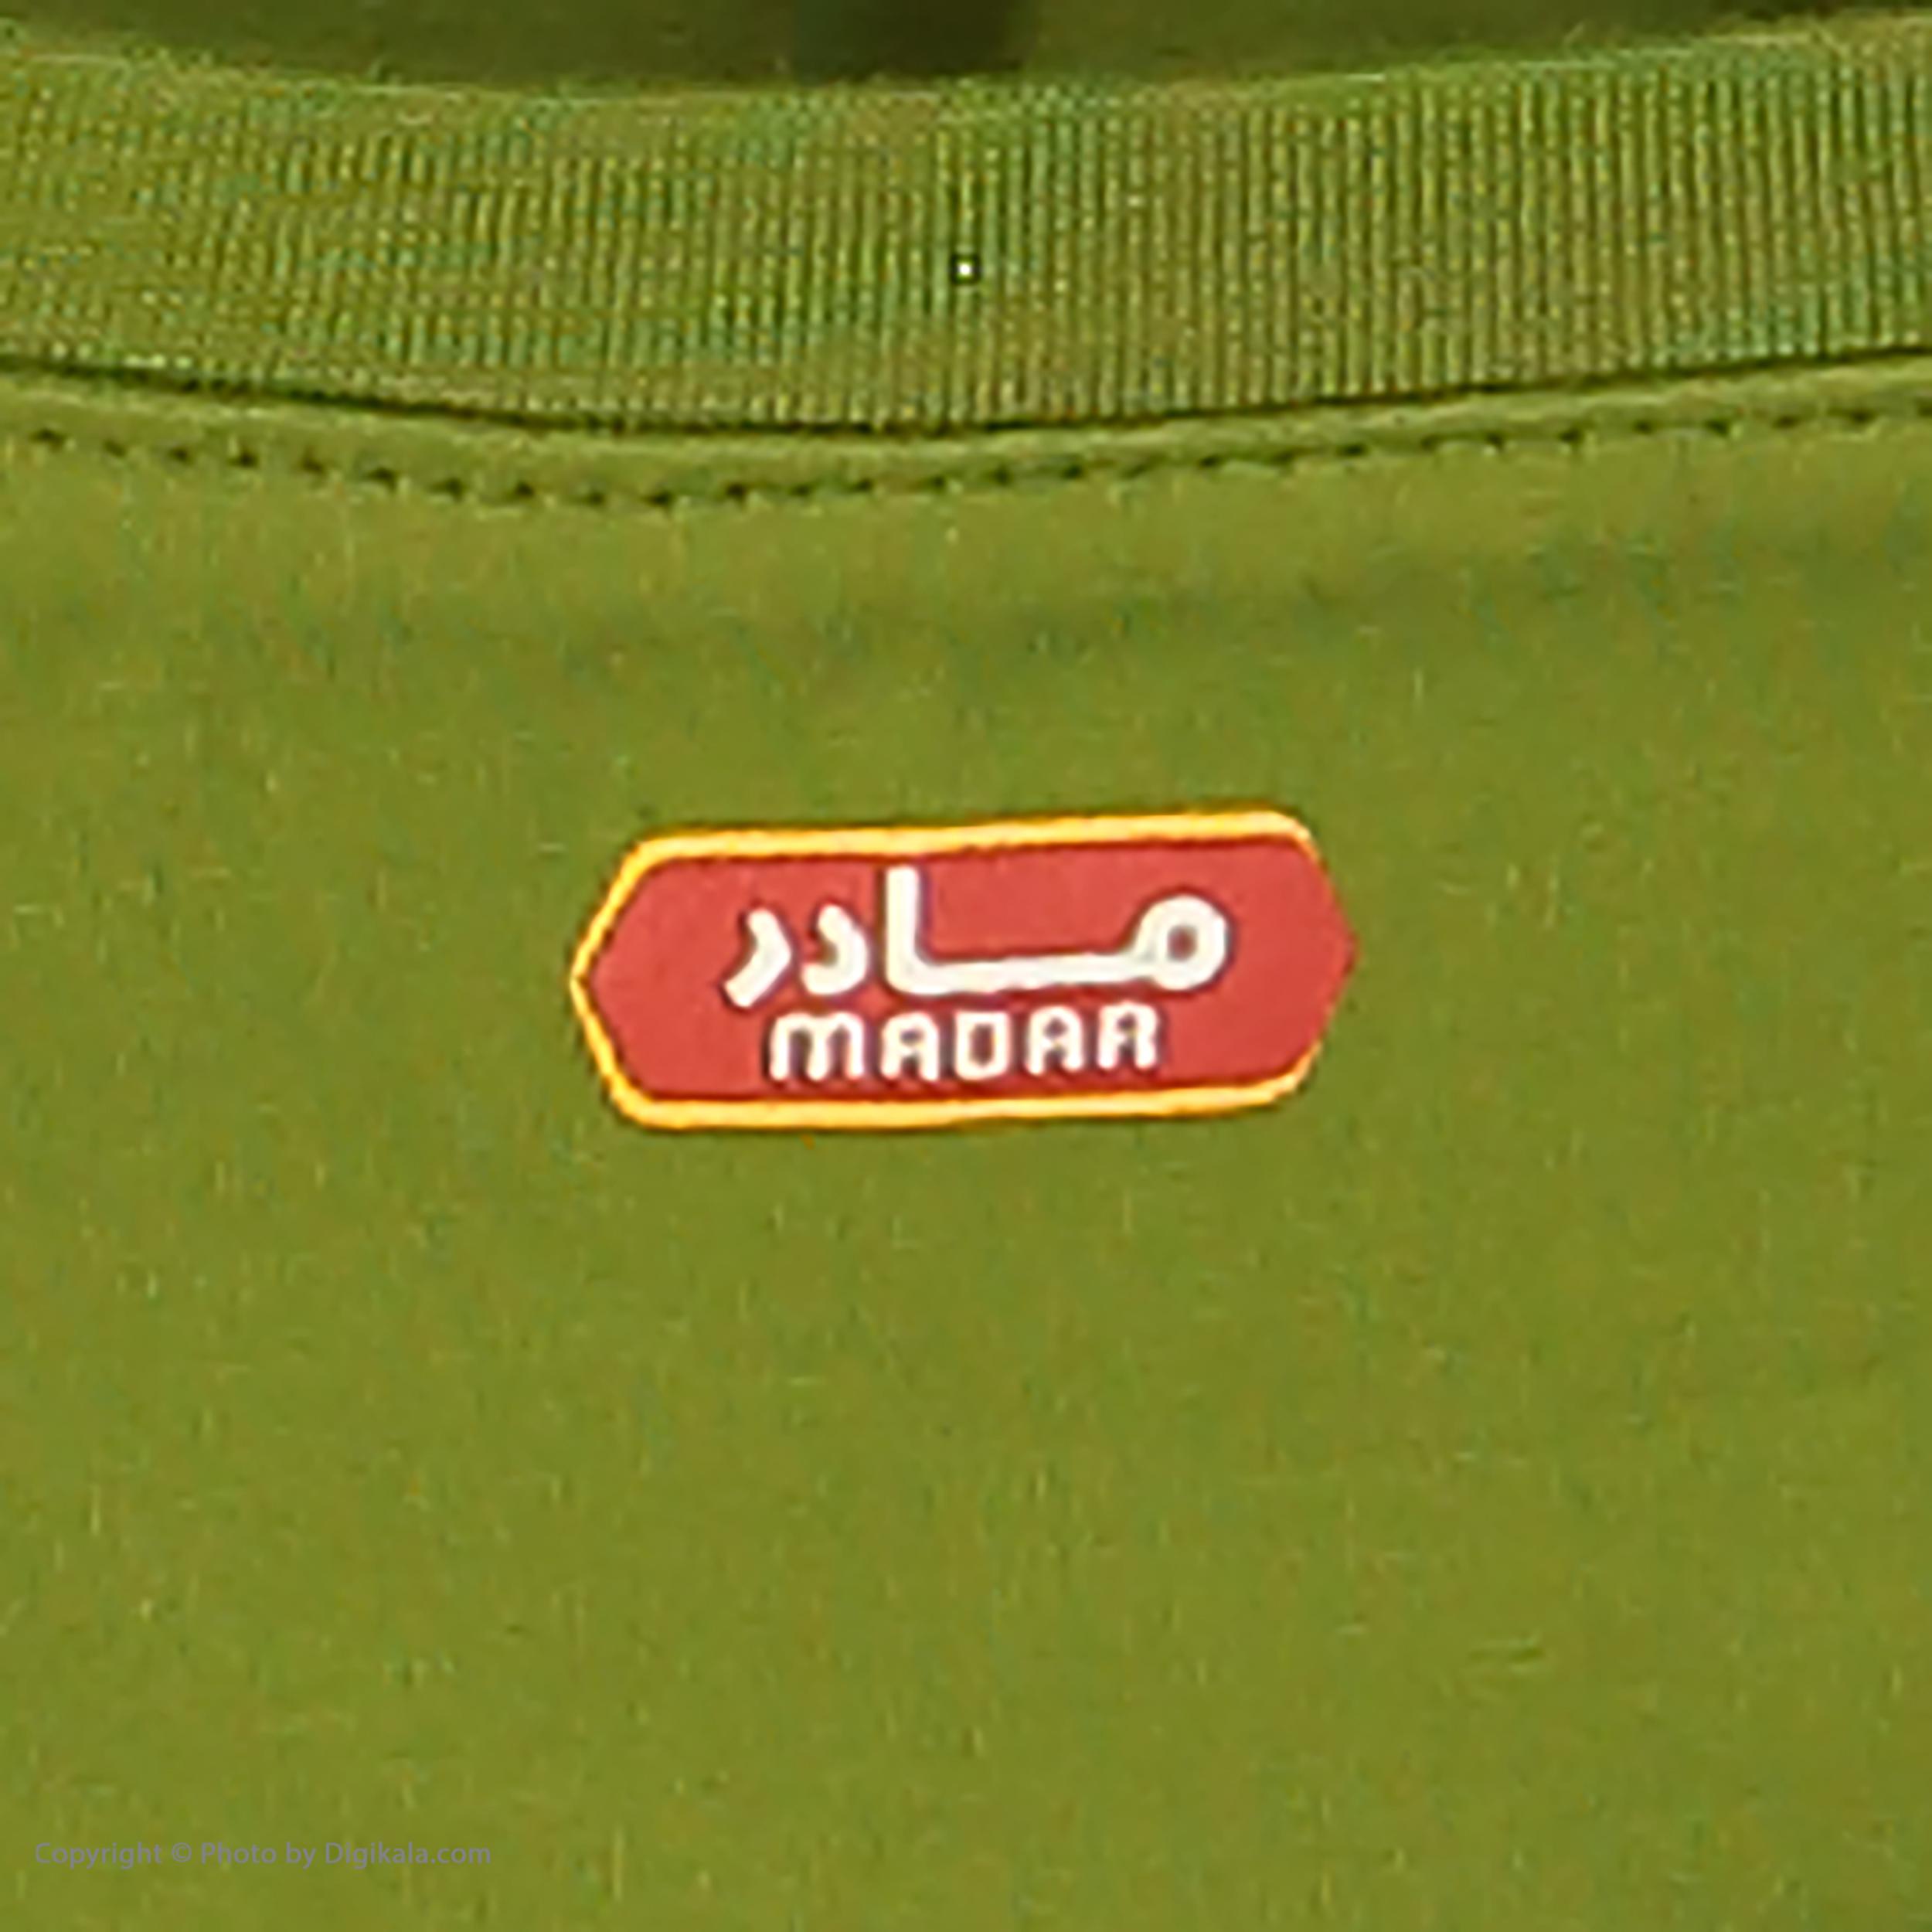 ست تی شرت و شلوار پسرانه مادر مدل 307-42 main 1 11